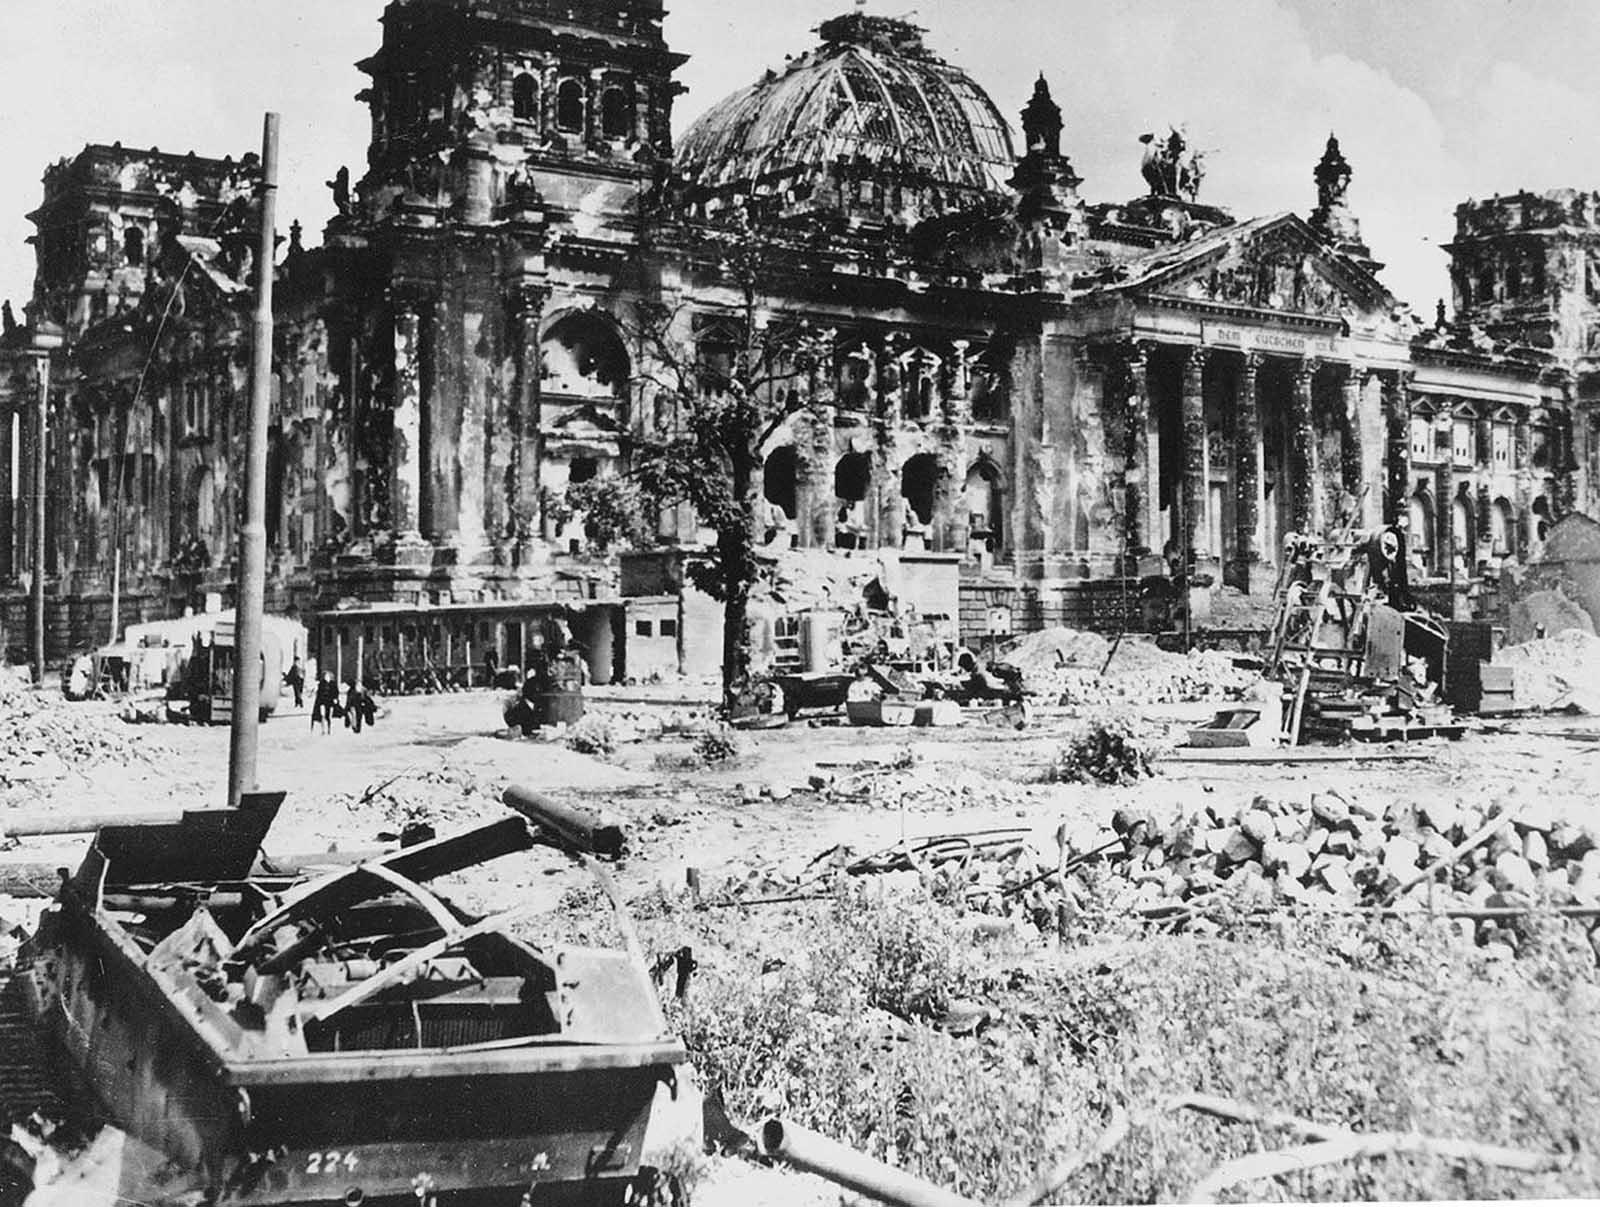 Les derniers jours de l'Allemagne Nazie, 1945